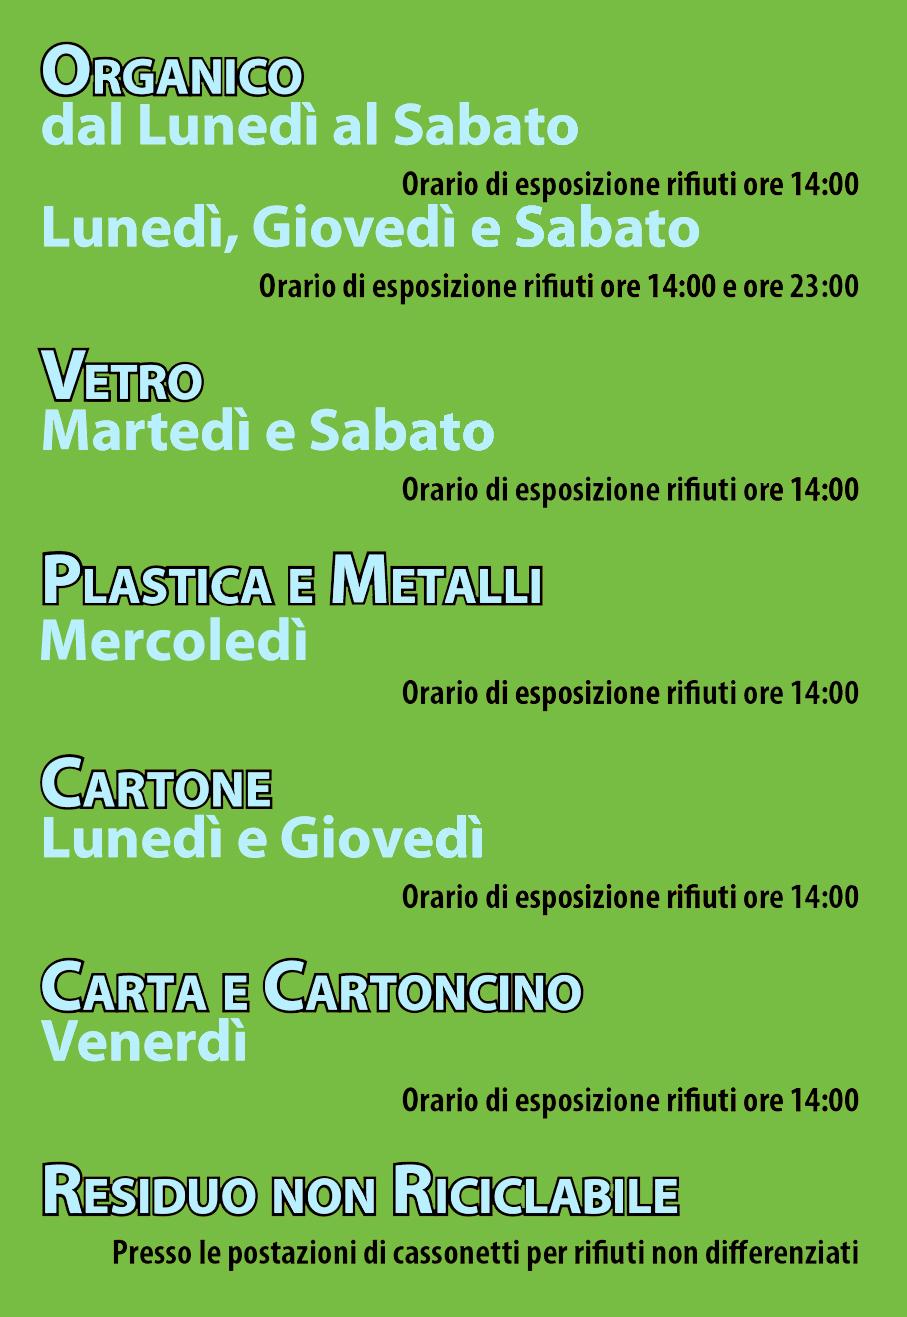 Raccolta Differenziata Palermo Calendario.Raccolta Differenziata Per Le Utenze Non Domestiche Di